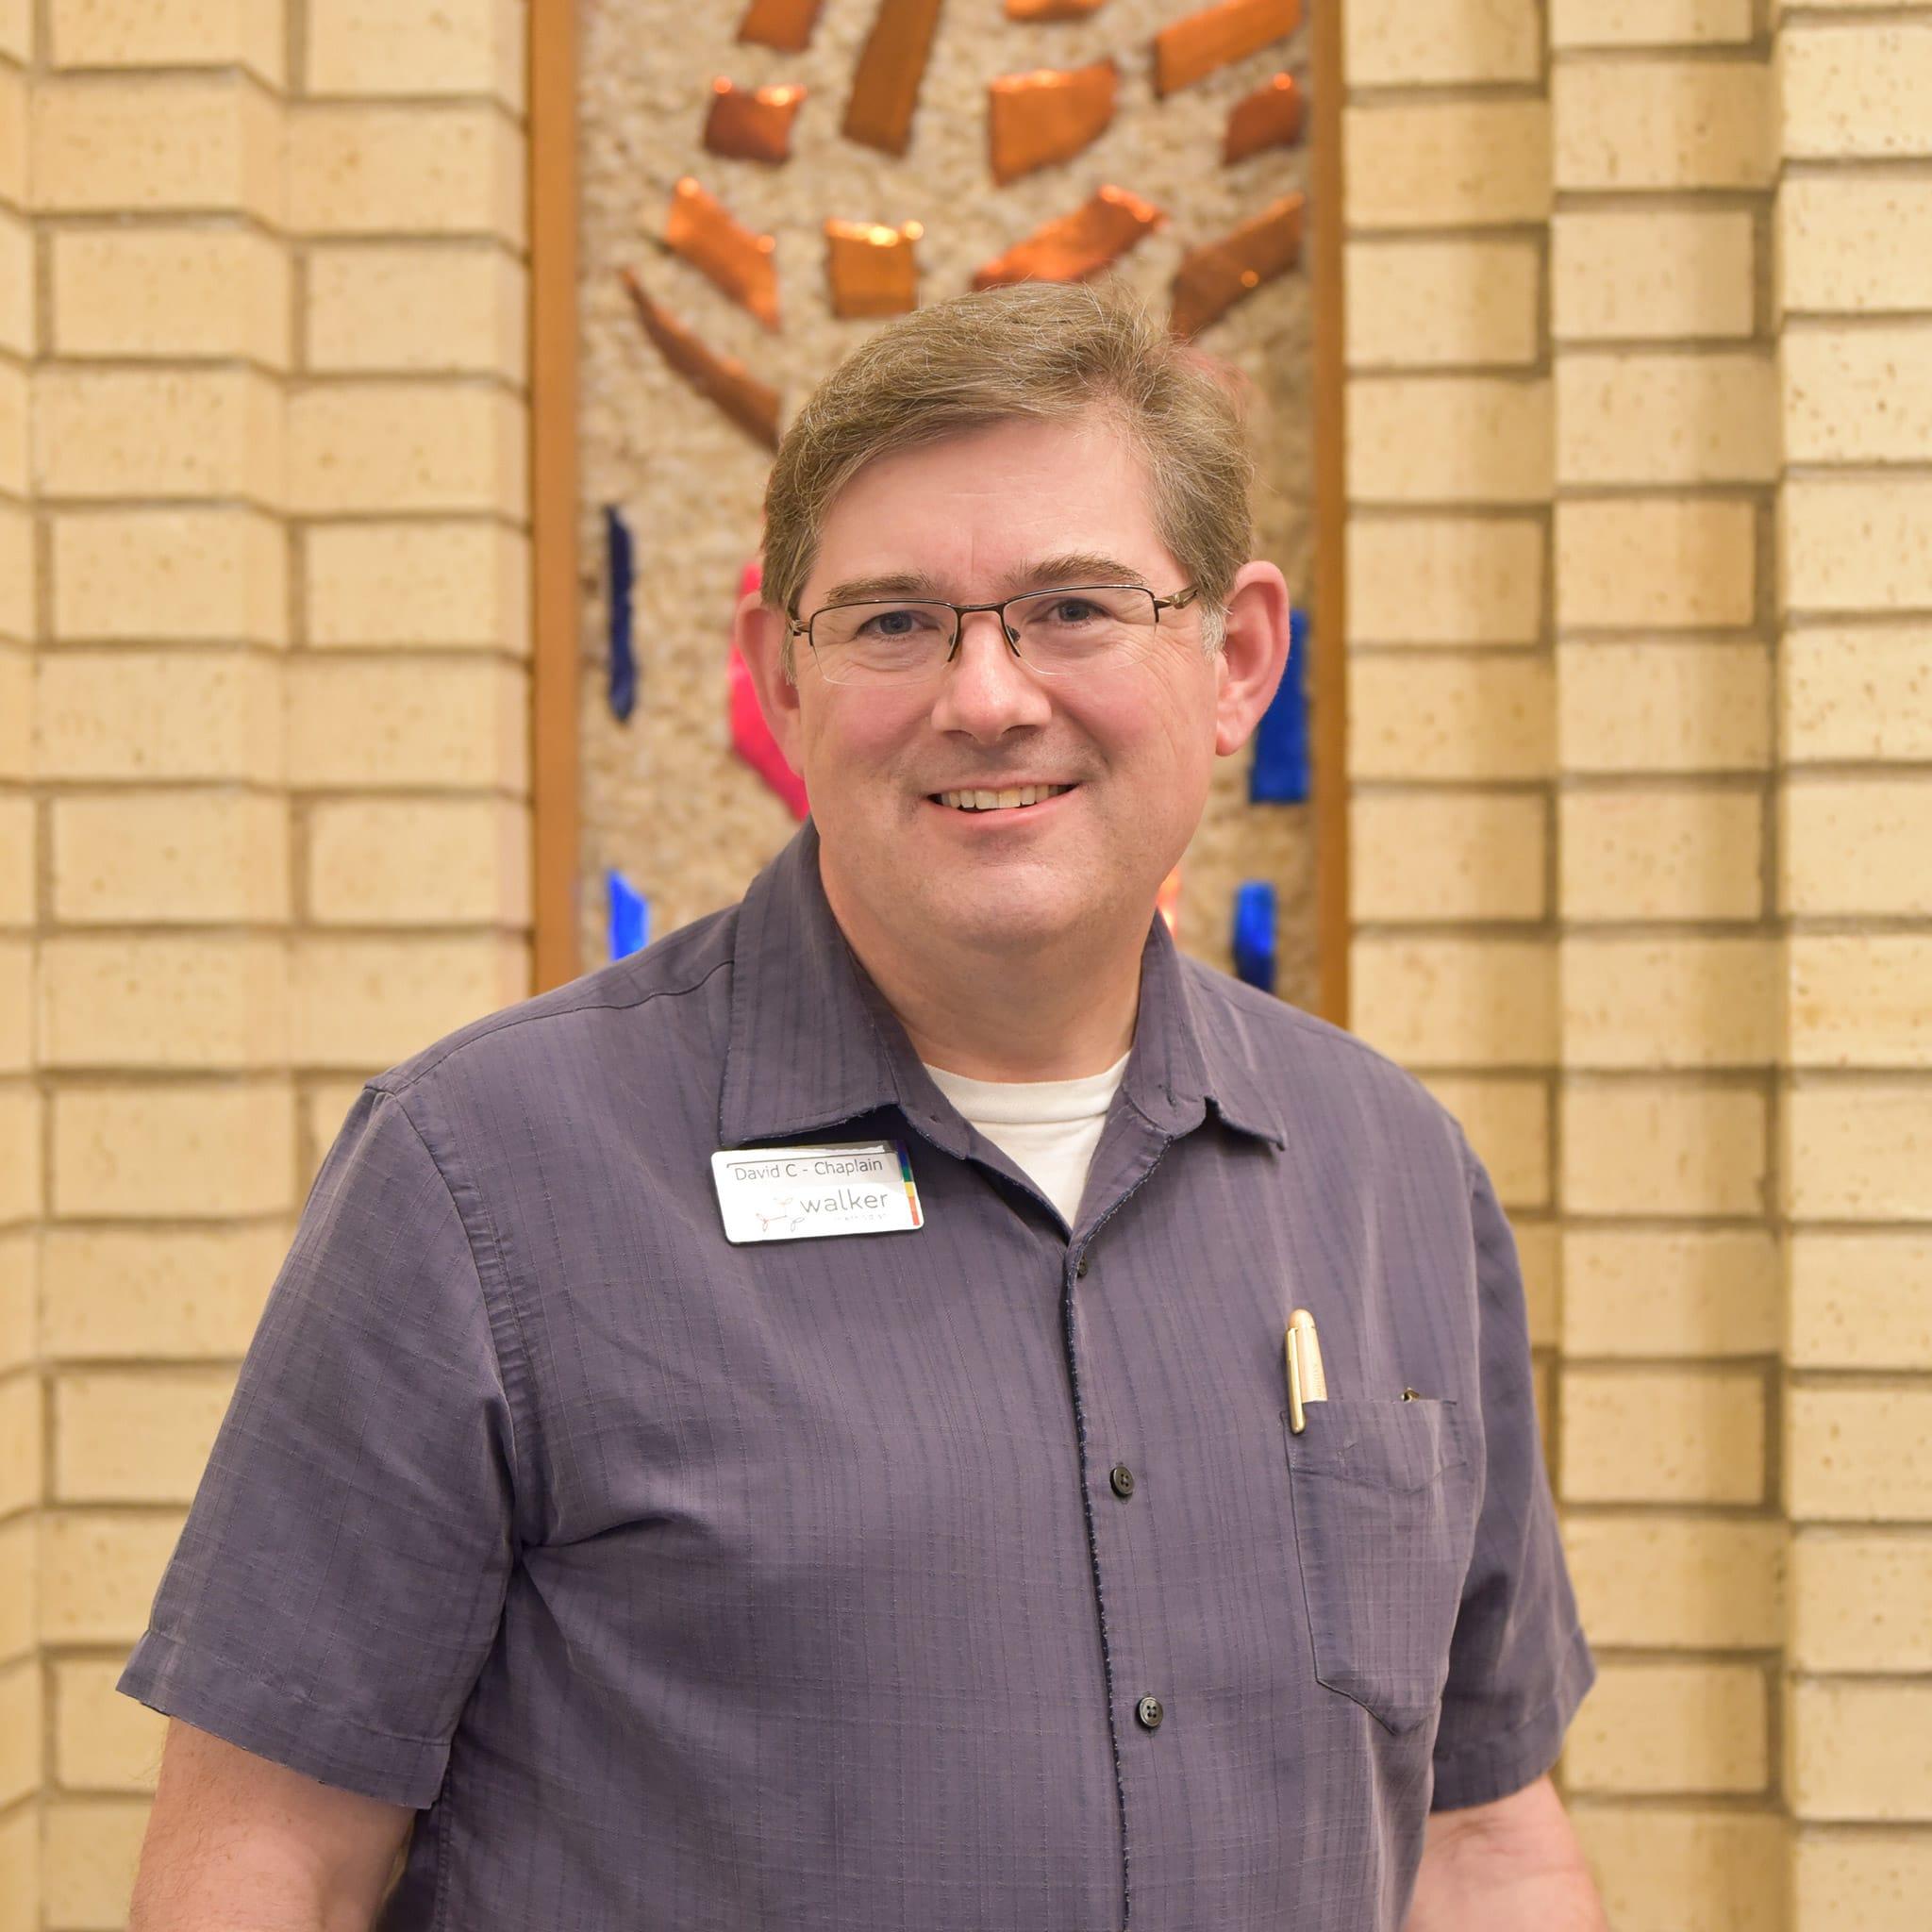 Rev. David Cobb, chaplain